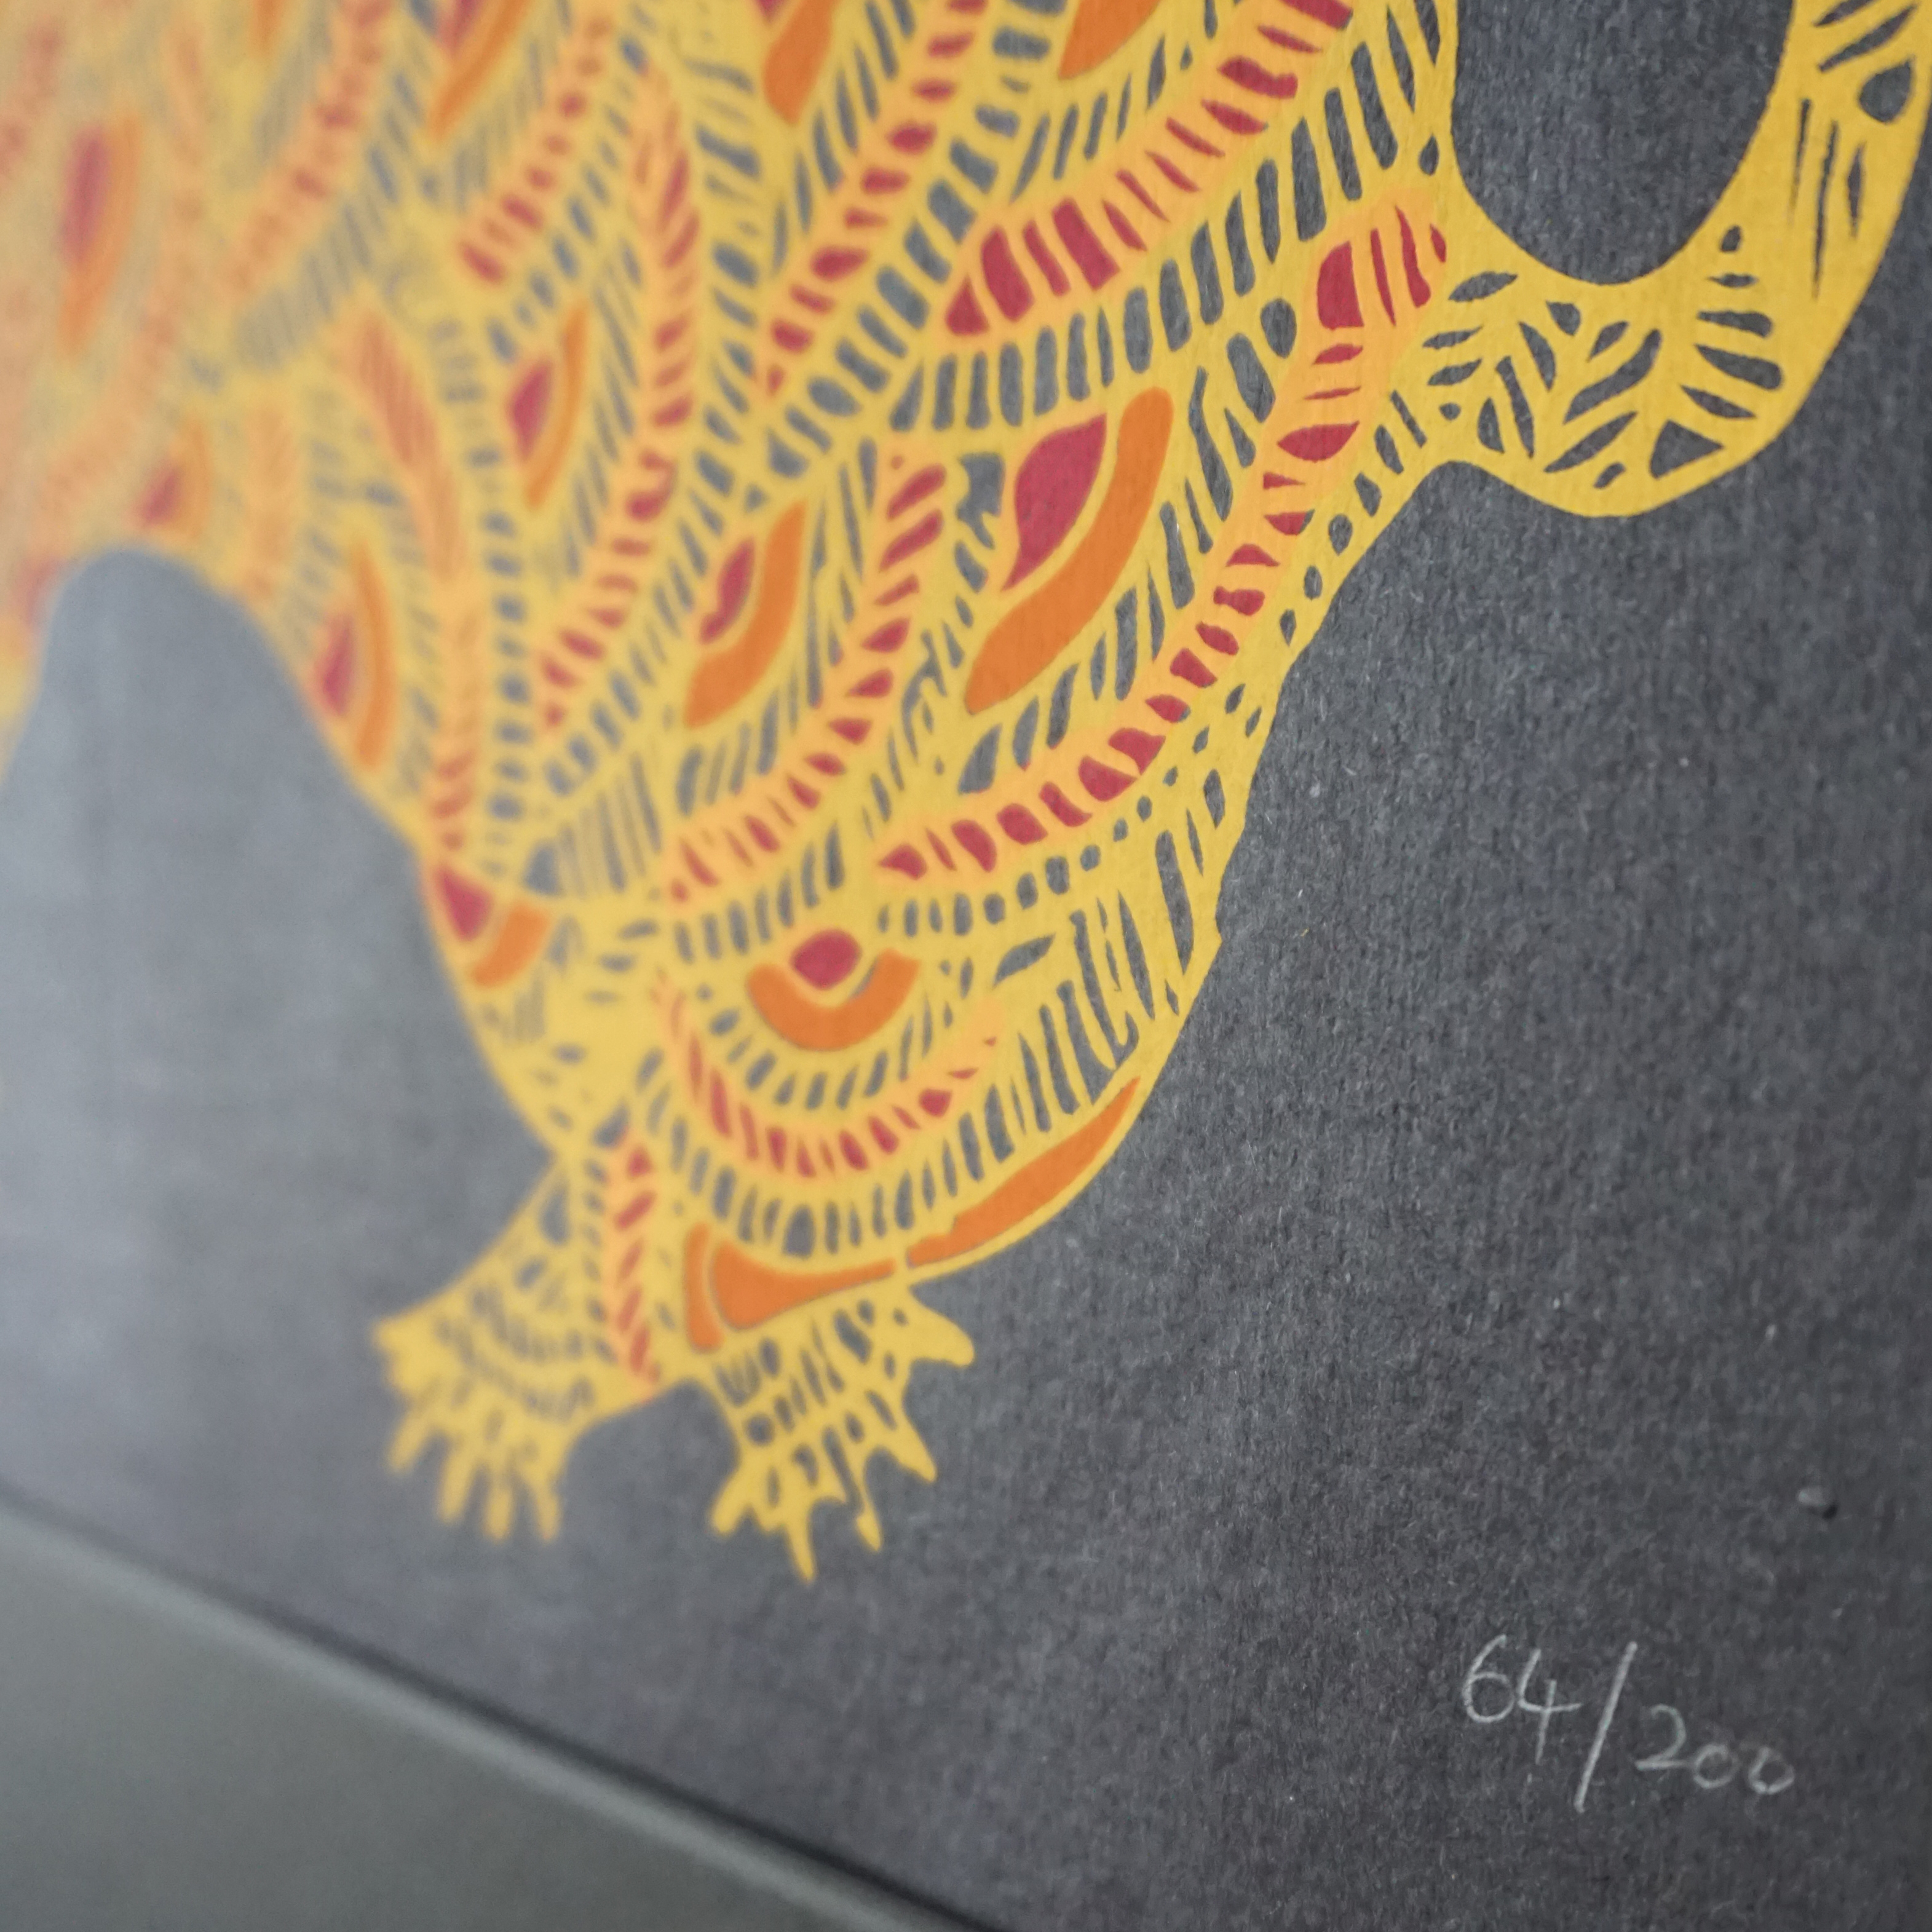 ゴンド画家ジャンガル・シン・シャム作品 シルクスクリーン 「Tiger ...